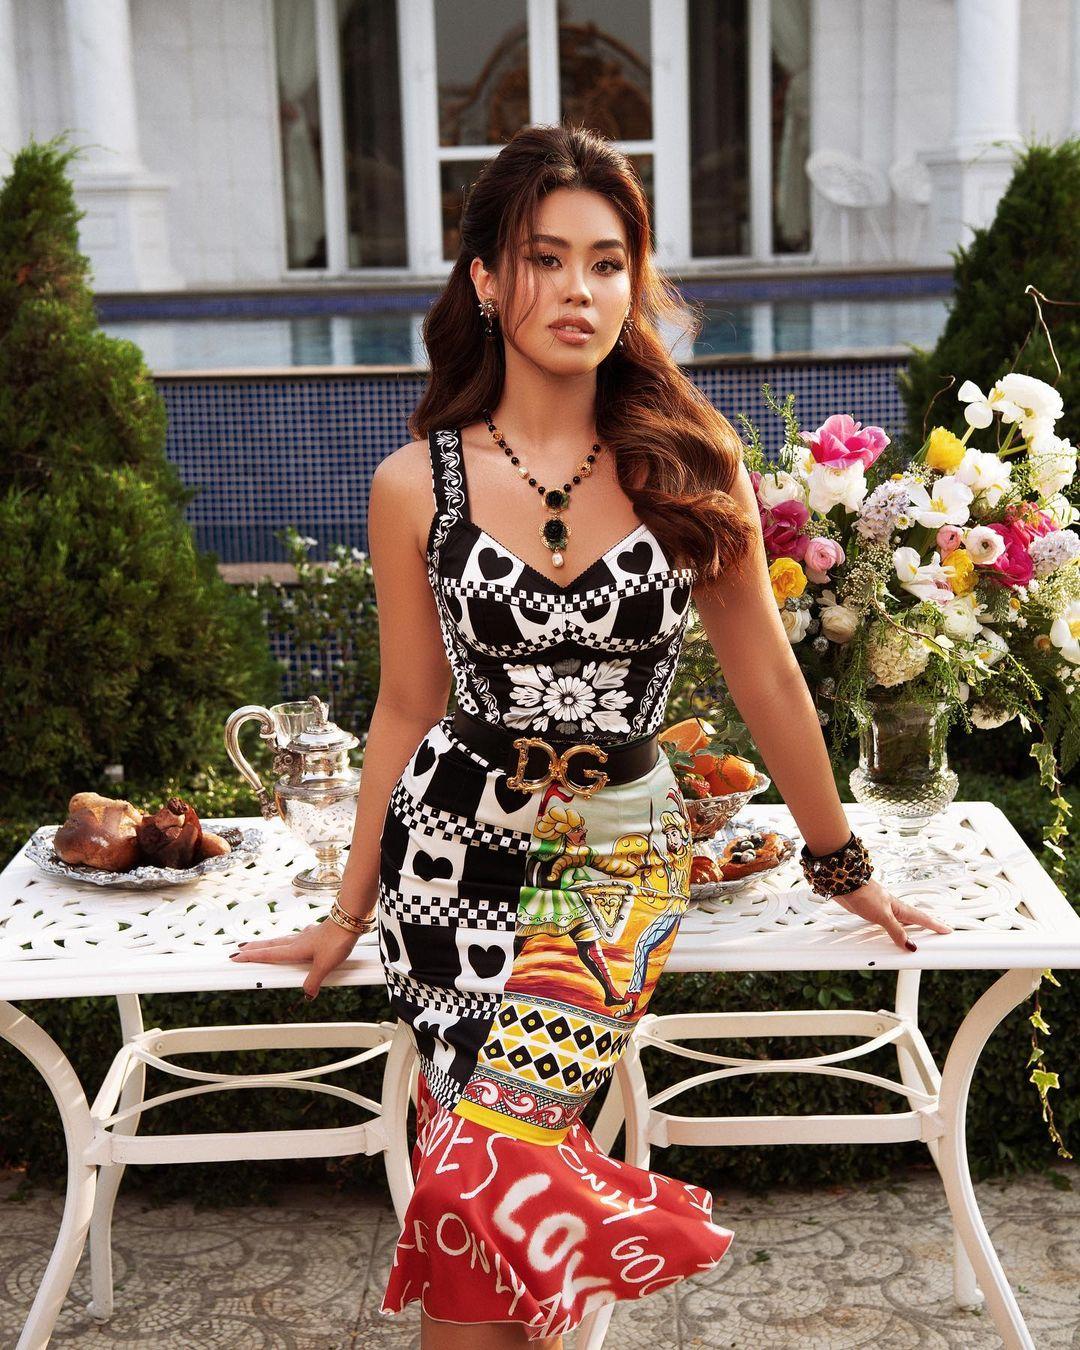 Em chồng Hà Tăng diện cả loạt váy áo ít người dám mặc, chứng minh thần thái đỉnh cao hiếm ai bì kịp - Ảnh 2.